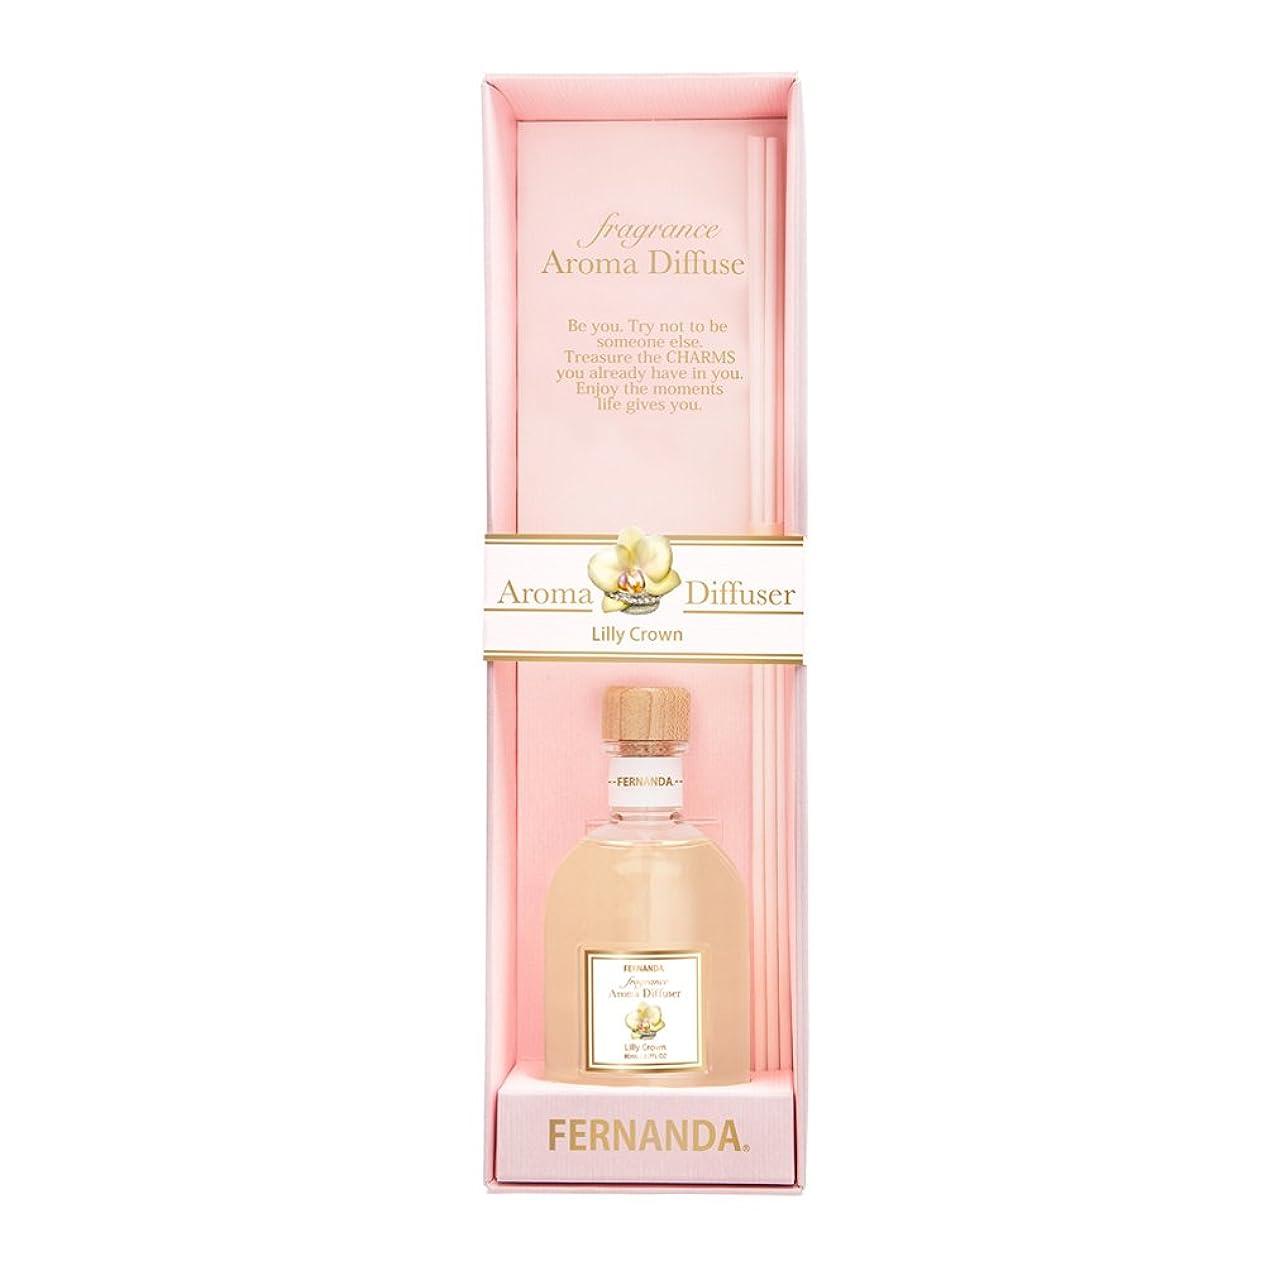 失業サーカスフリースFERNANDA(フェルナンダ) Fragrance Aroma Diffuser Lilly Crown (アロマディフューザー リリークラウン)